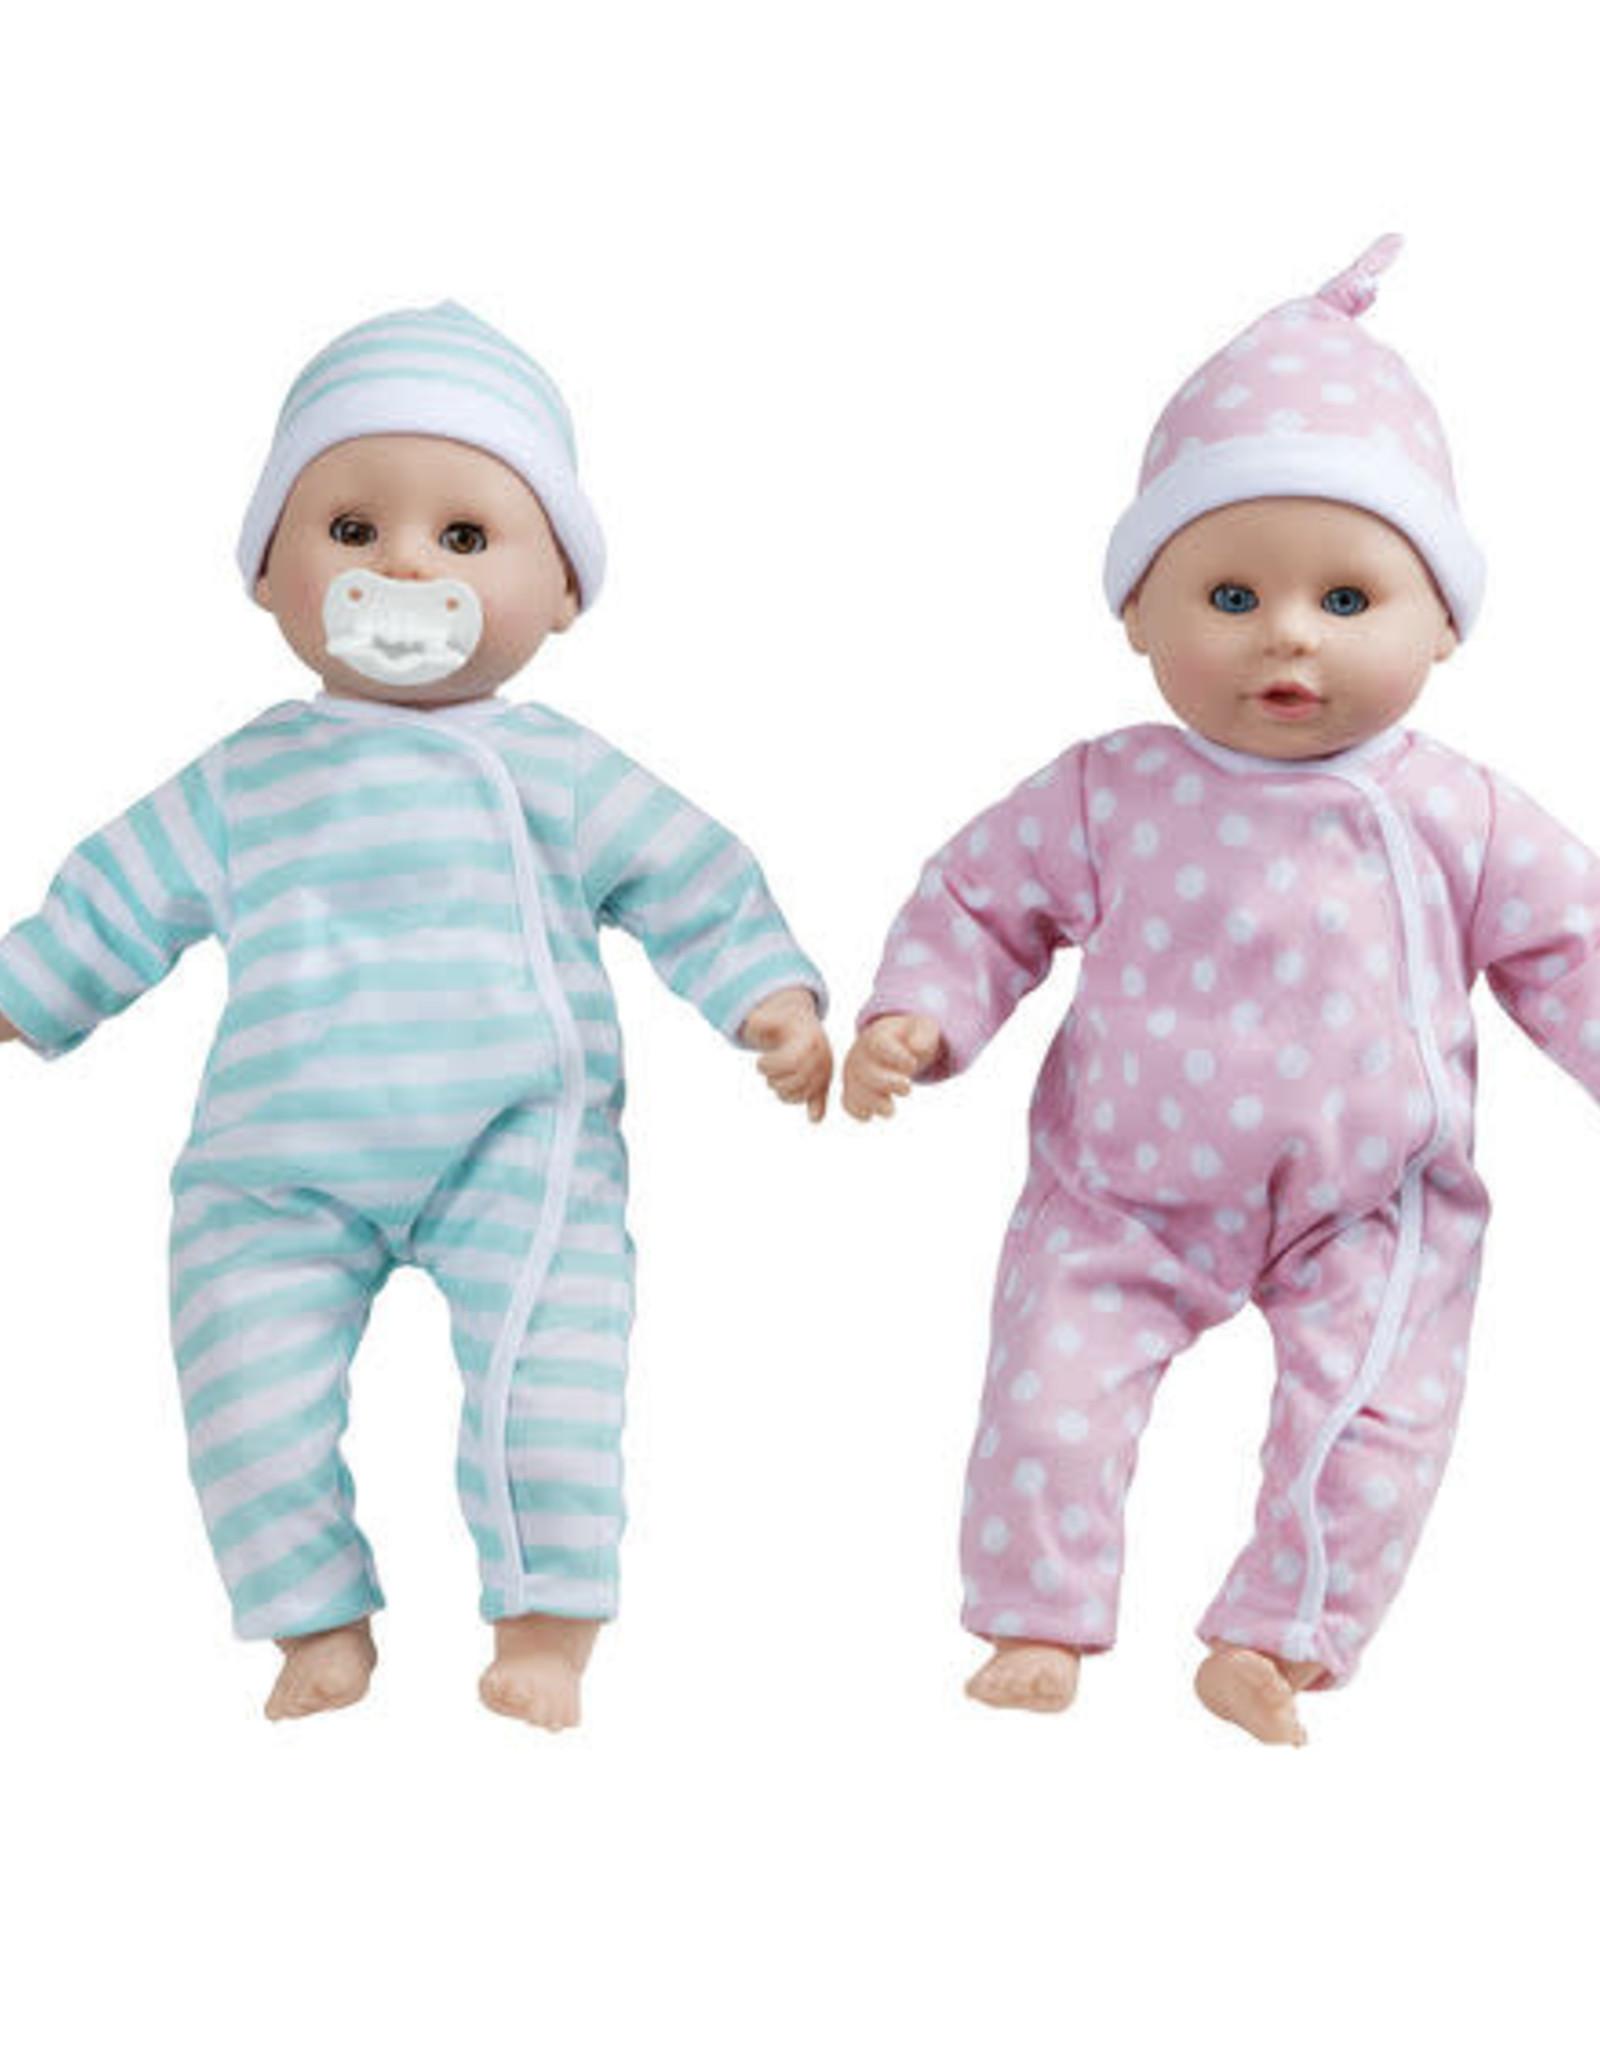 Melissa & Doug Luke & Lucy Baby Dolls